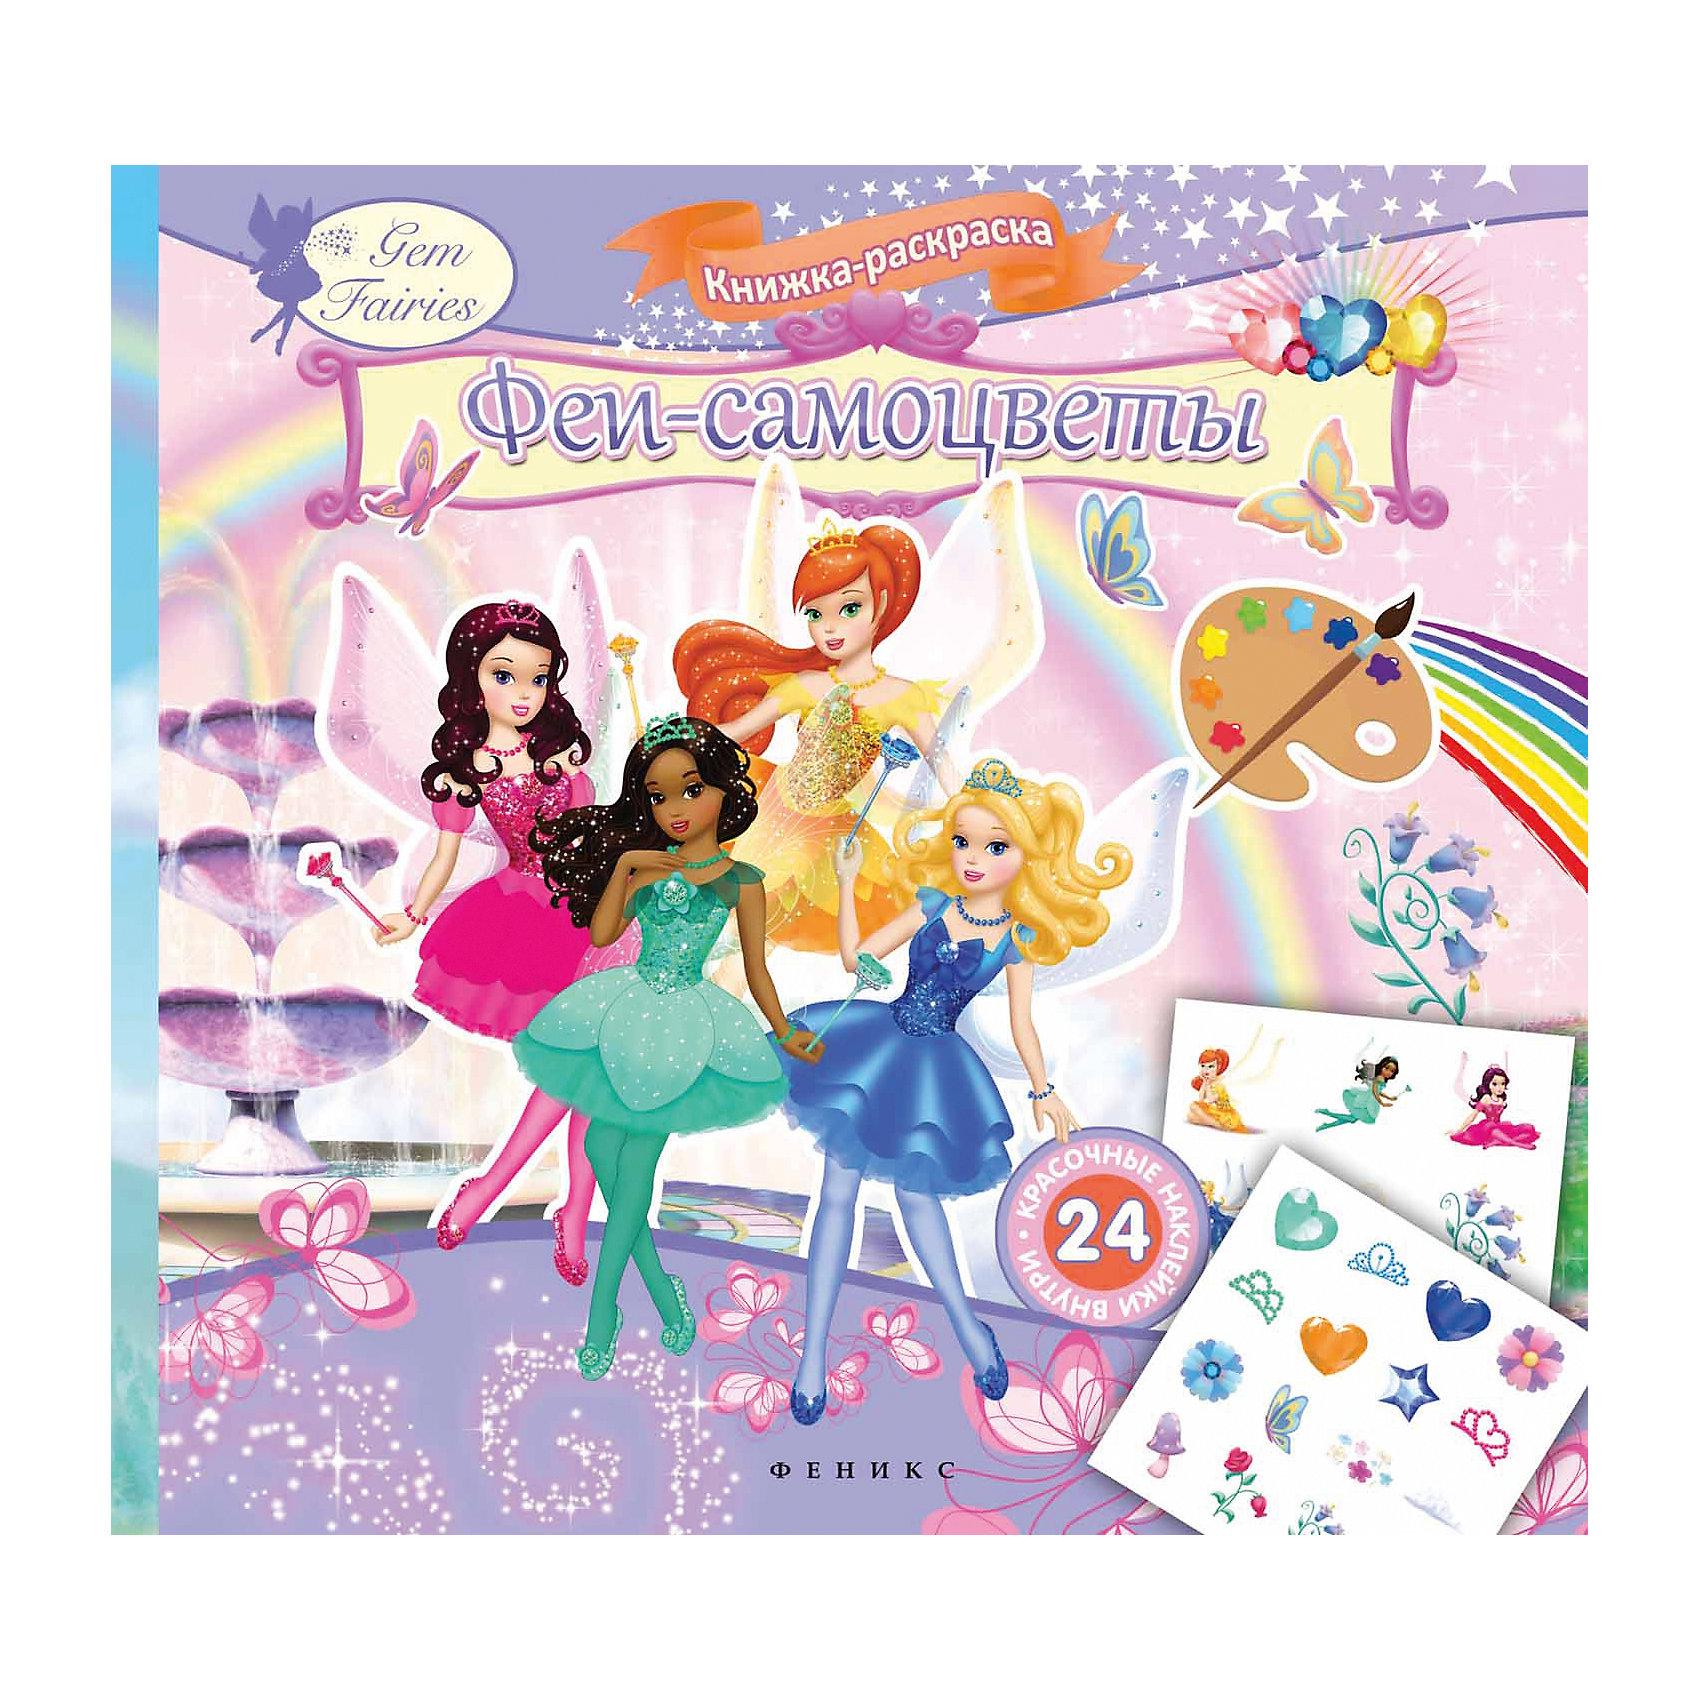 Феи-самоцветы: книжка-раскраскаGem Fairies — известные во всем мире принцессы, которые умеют превращаться в волшебных фей. Теперь они есть и в России! Развивать мелкую моторику и учиться работать с цветом в компании этих изящных и стильных принцесс занимательно и увлекательно!<br>Принцессы Рубин, Янтарь, Сапфир и Изумруд помогут развить творческие навыки, внимательность и усидчивость и занять ребенка в течение нескольких часов.<br><br>Ширина мм: 228<br>Глубина мм: 238<br>Высота мм: 1<br>Вес г: 248<br>Возраст от месяцев: 36<br>Возраст до месяцев: 72<br>Пол: Унисекс<br>Возраст: Детский<br>SKU: 5480320